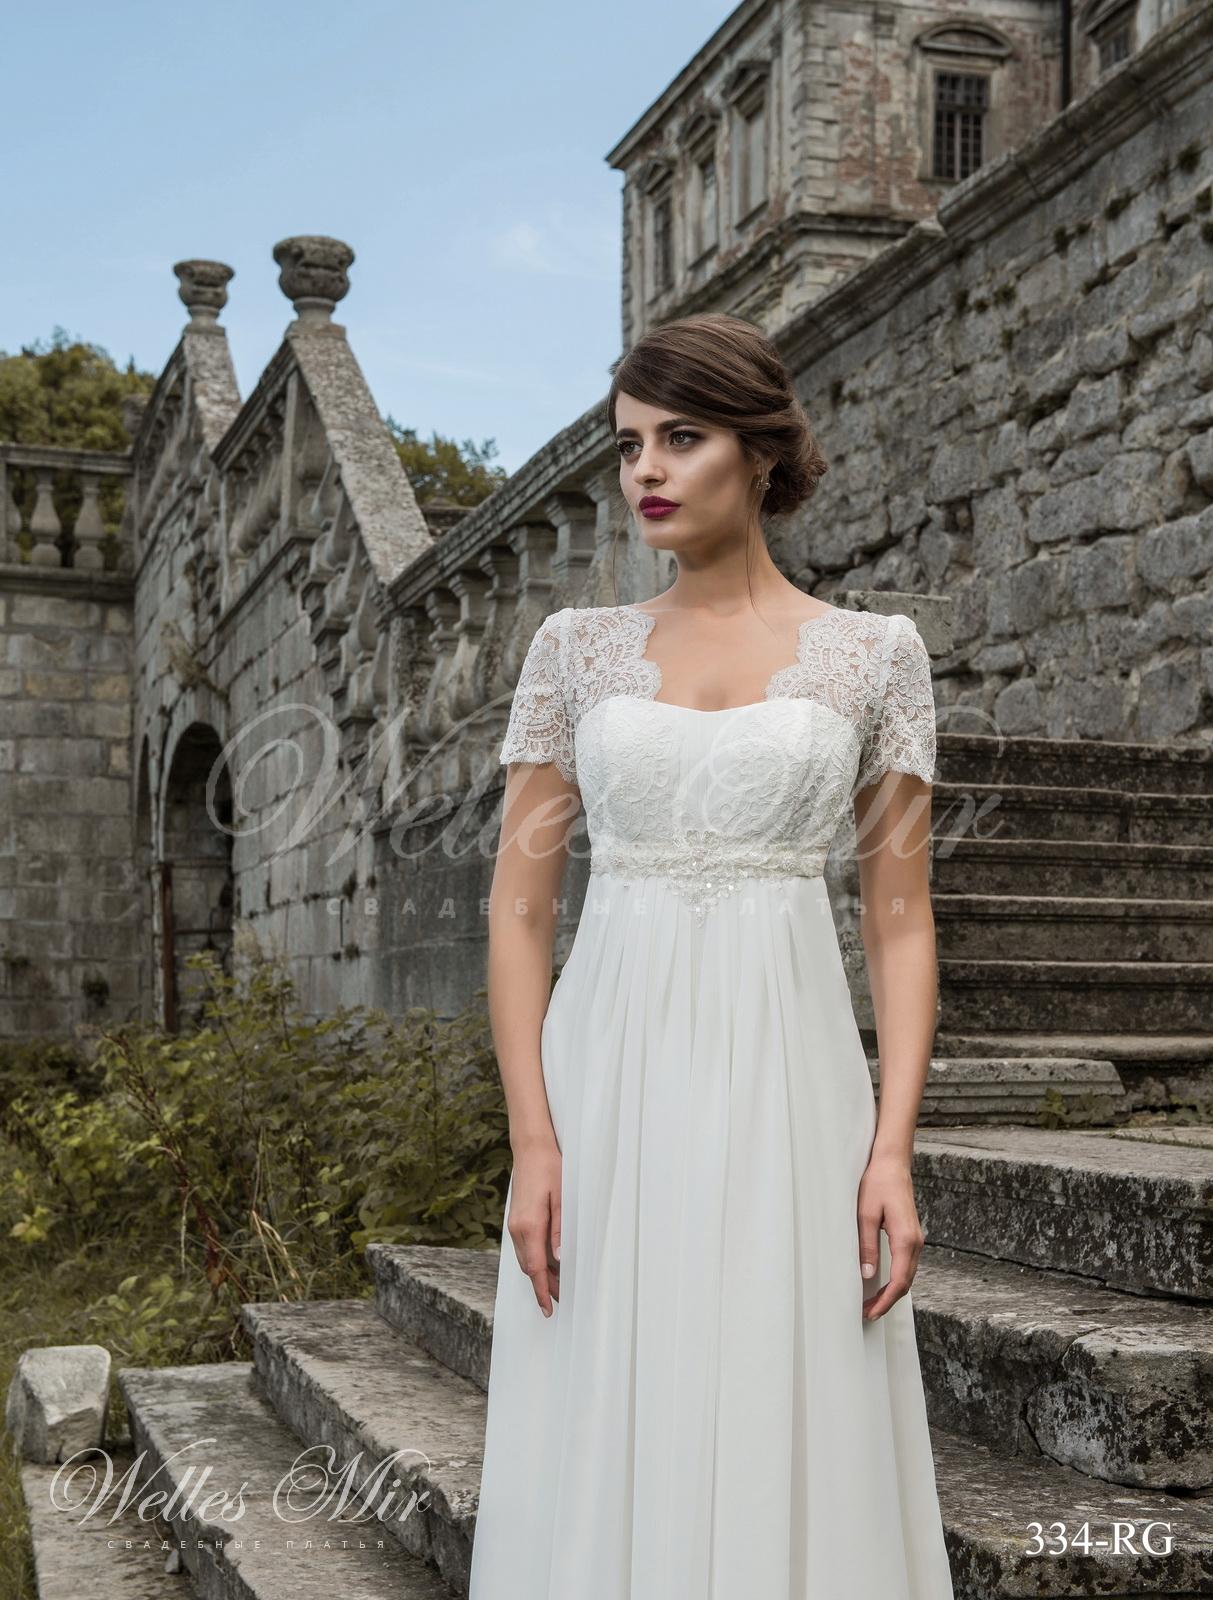 d35b1f6d9da1db Весільна сукня у грецькому стилі